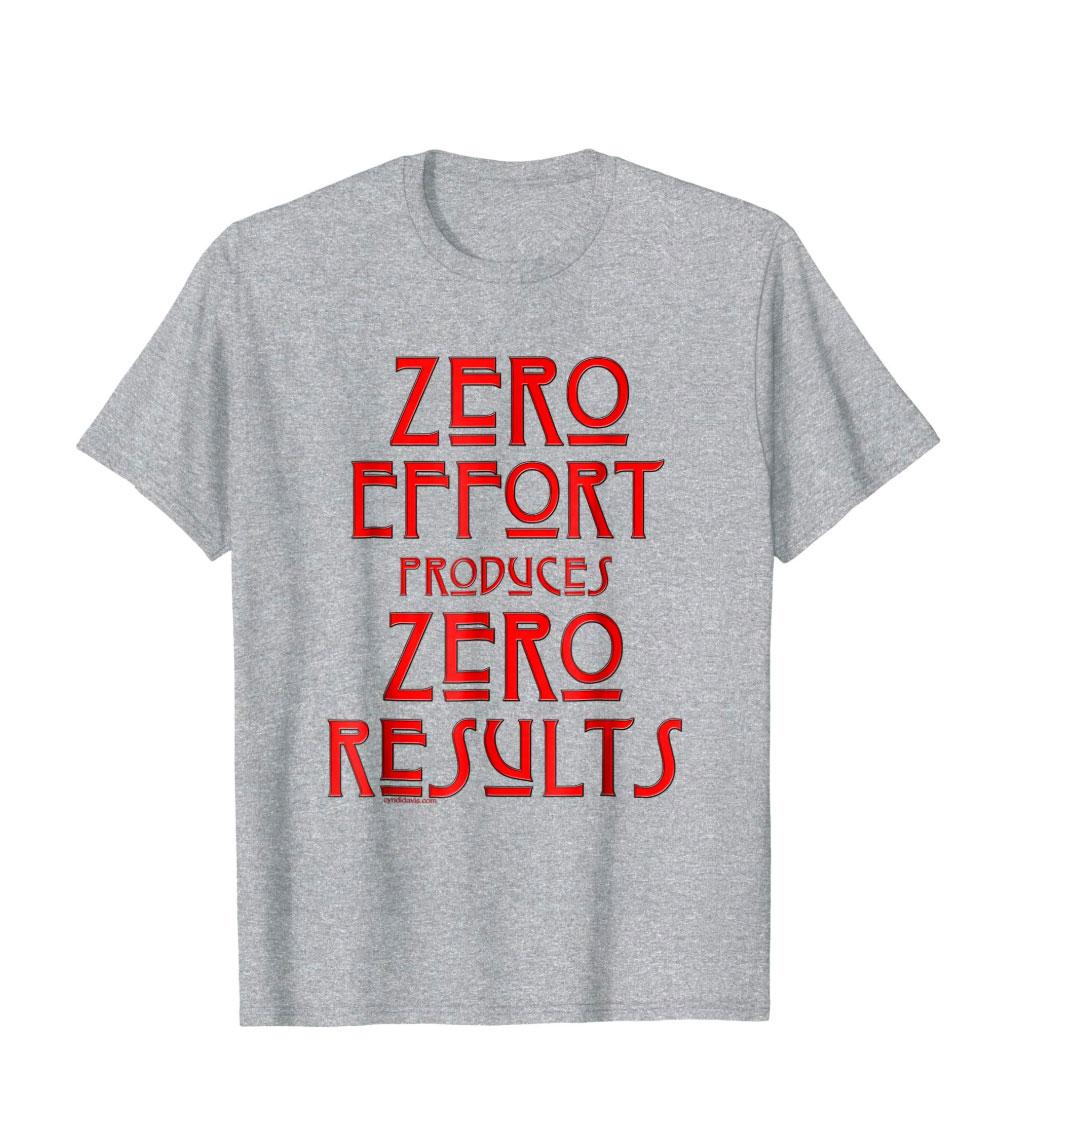 ZeroEffort